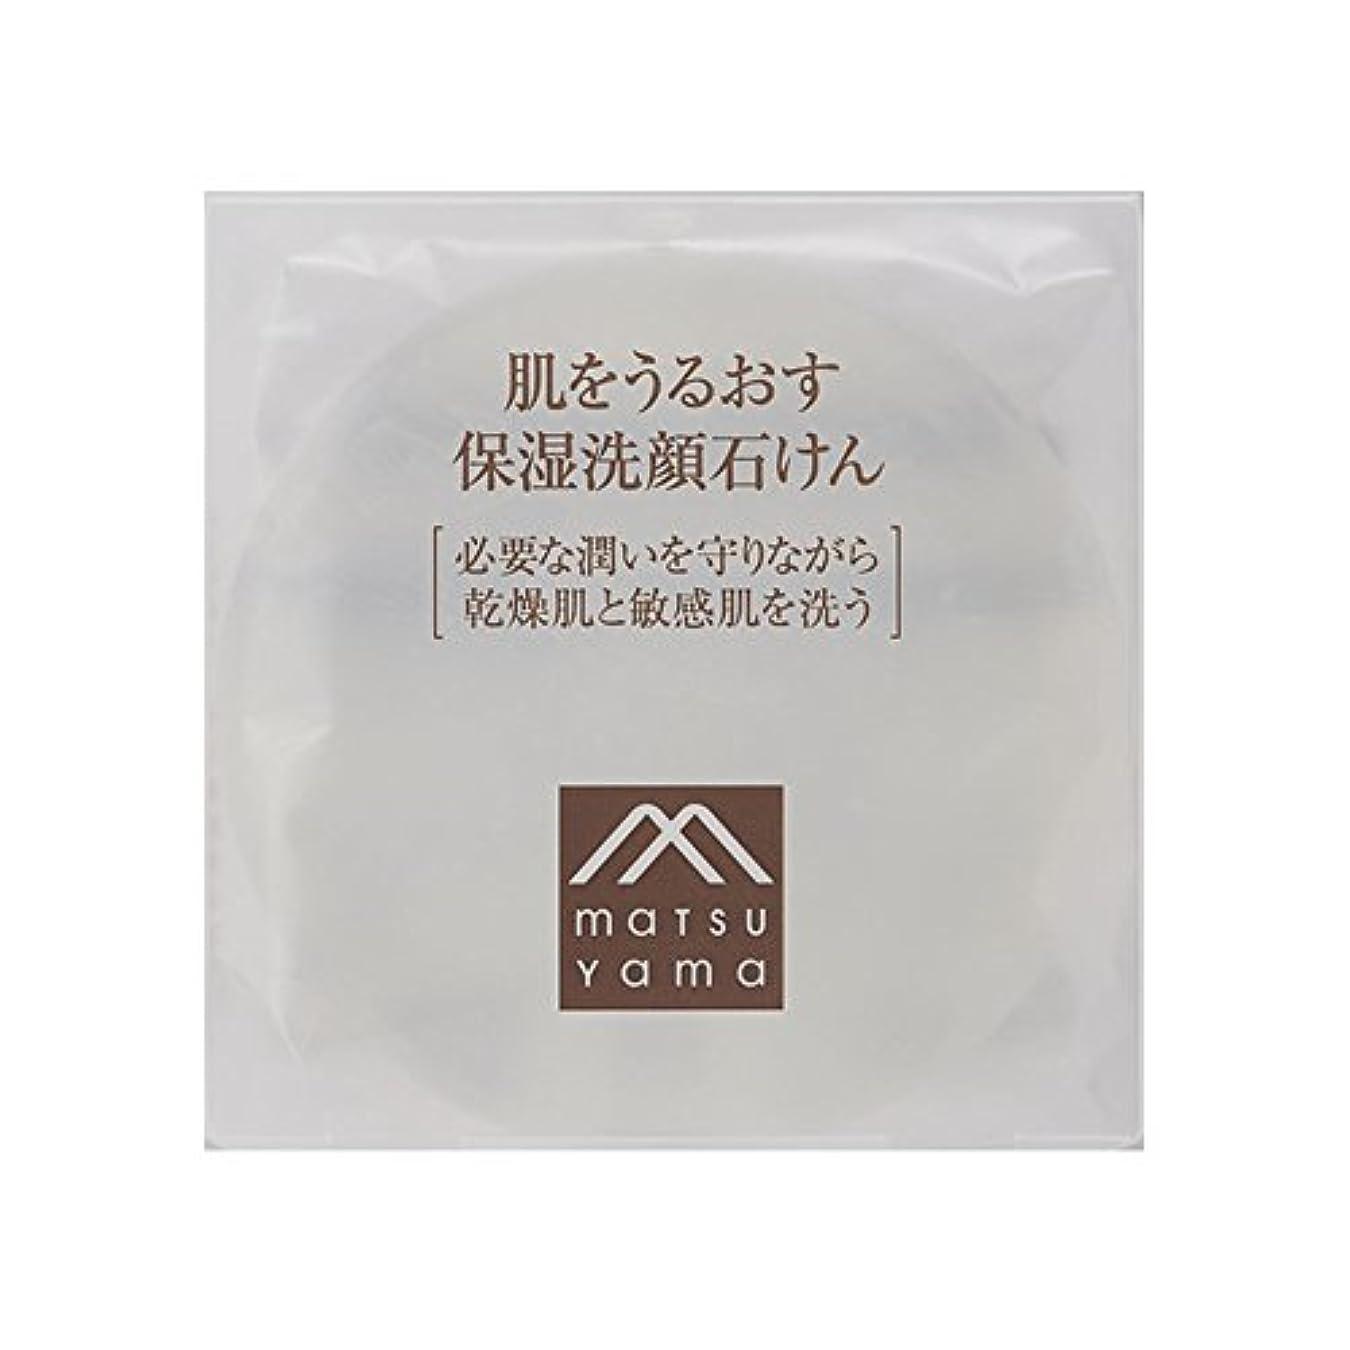 論争的地区ニンニク肌をうるおす保湿洗顔石けん(洗顔料) [乾燥肌 敏感肌]